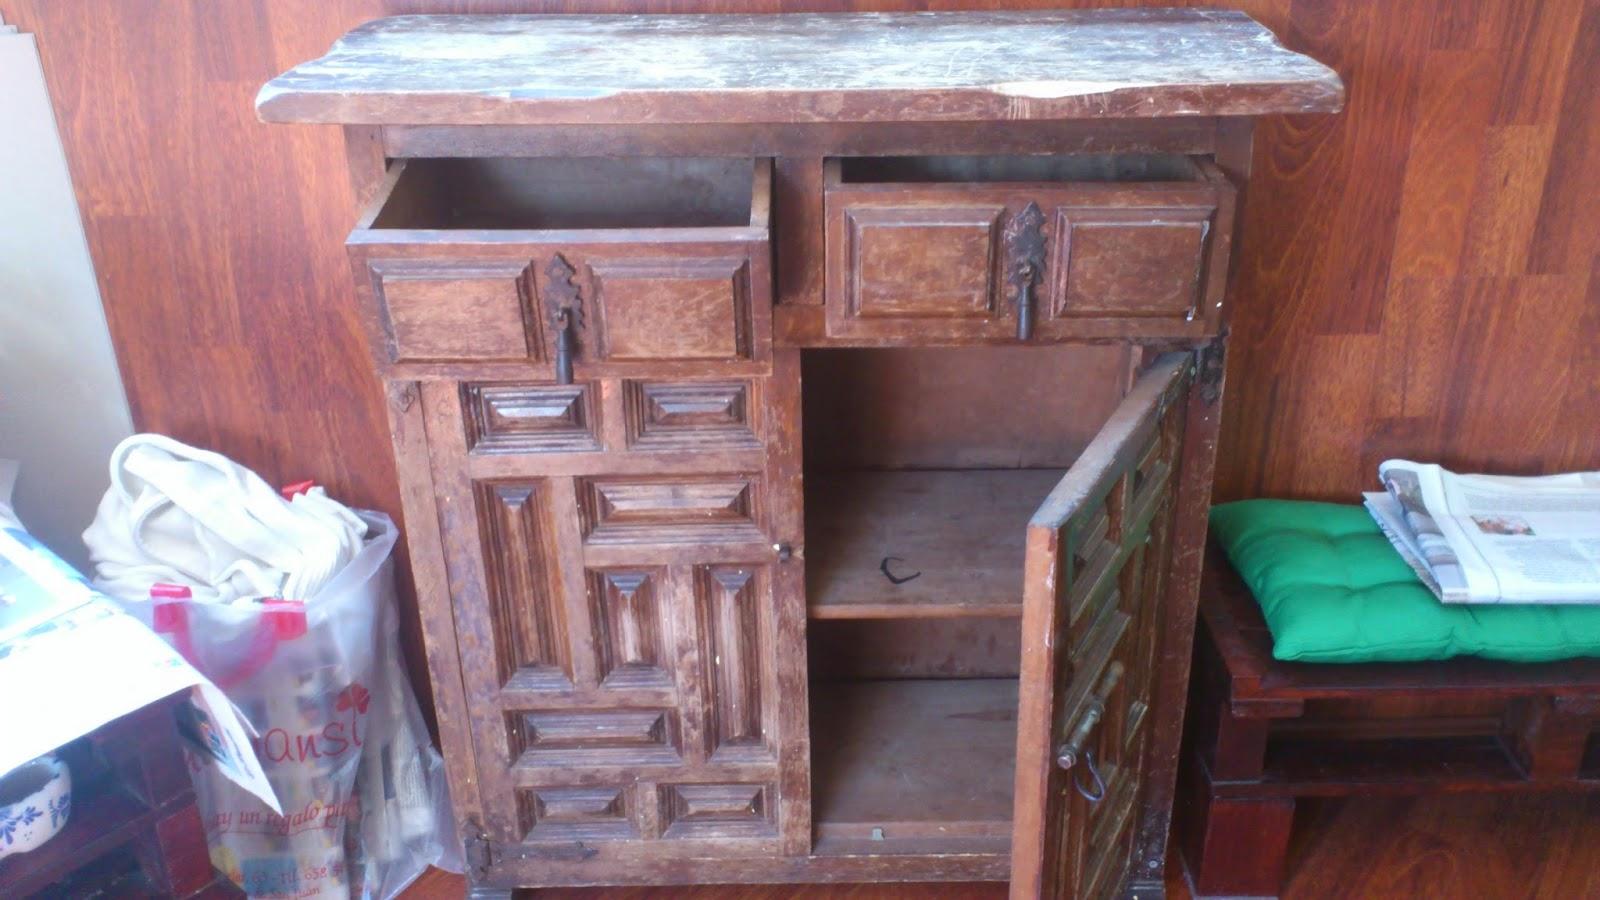 Madera de mindi transformando un moderno mueble de estilo castellano - Muebles para restaurar madrid ...